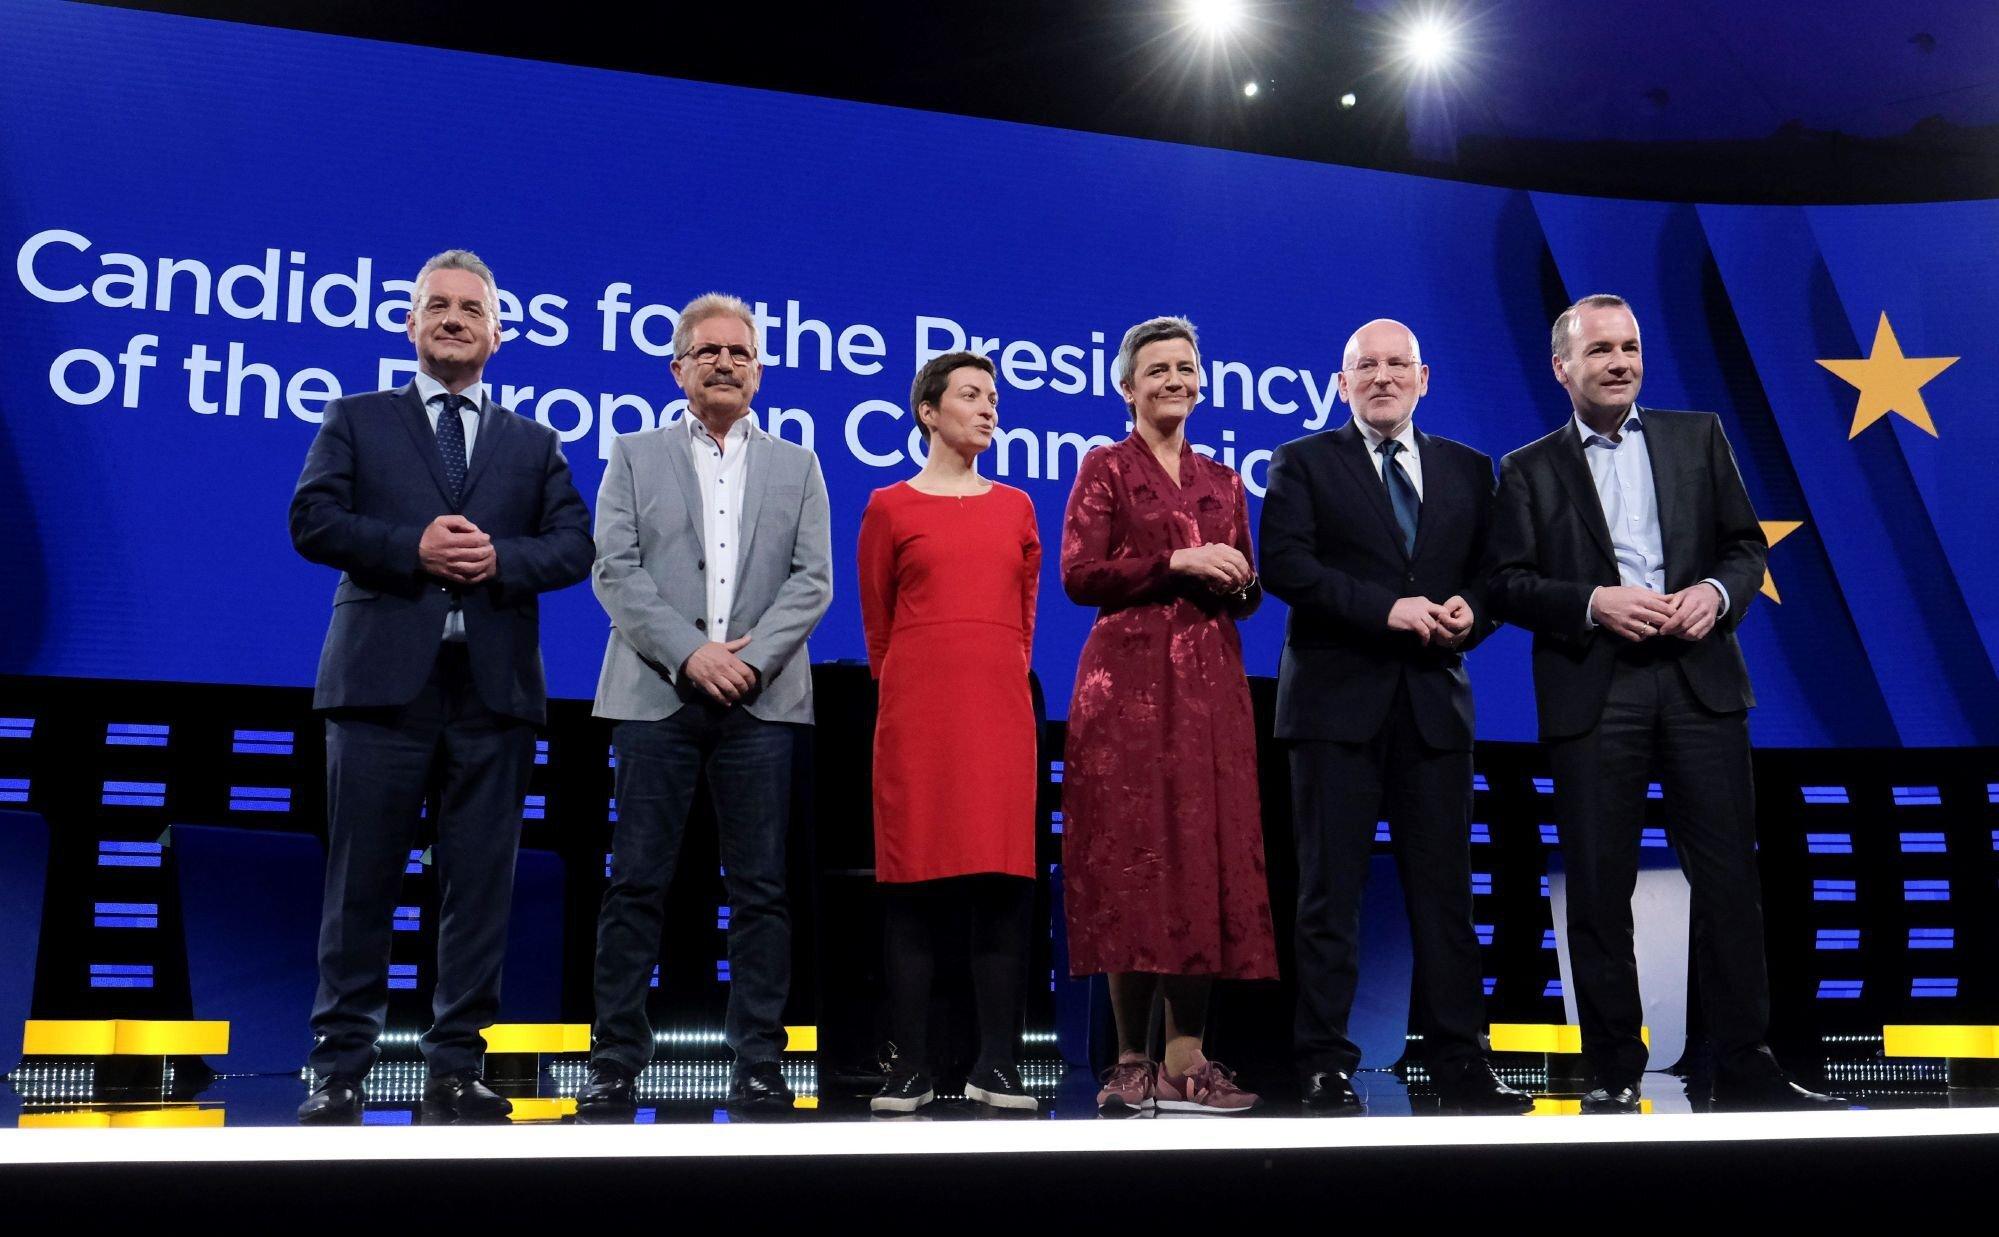 La Europa social frente a la Europa comercial: así ha sido el debate de los candidatos a la Comisión